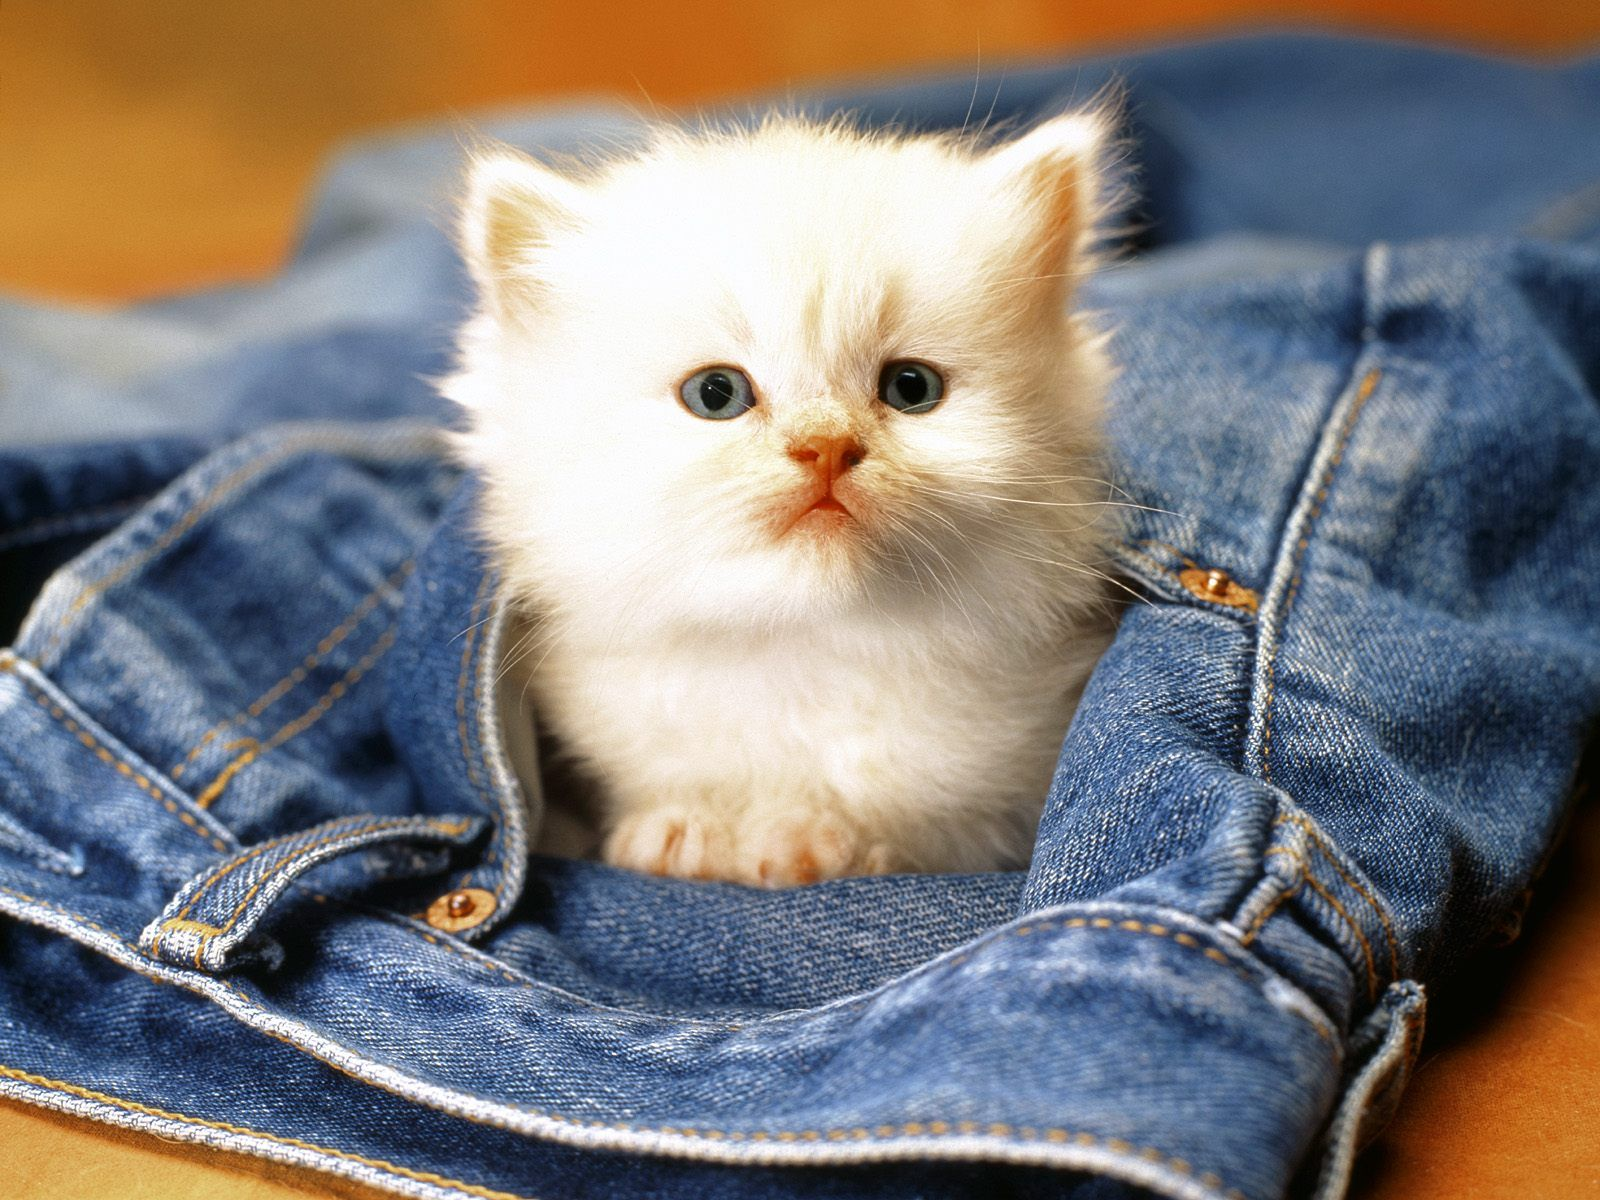 Gattino su un paio di jeans